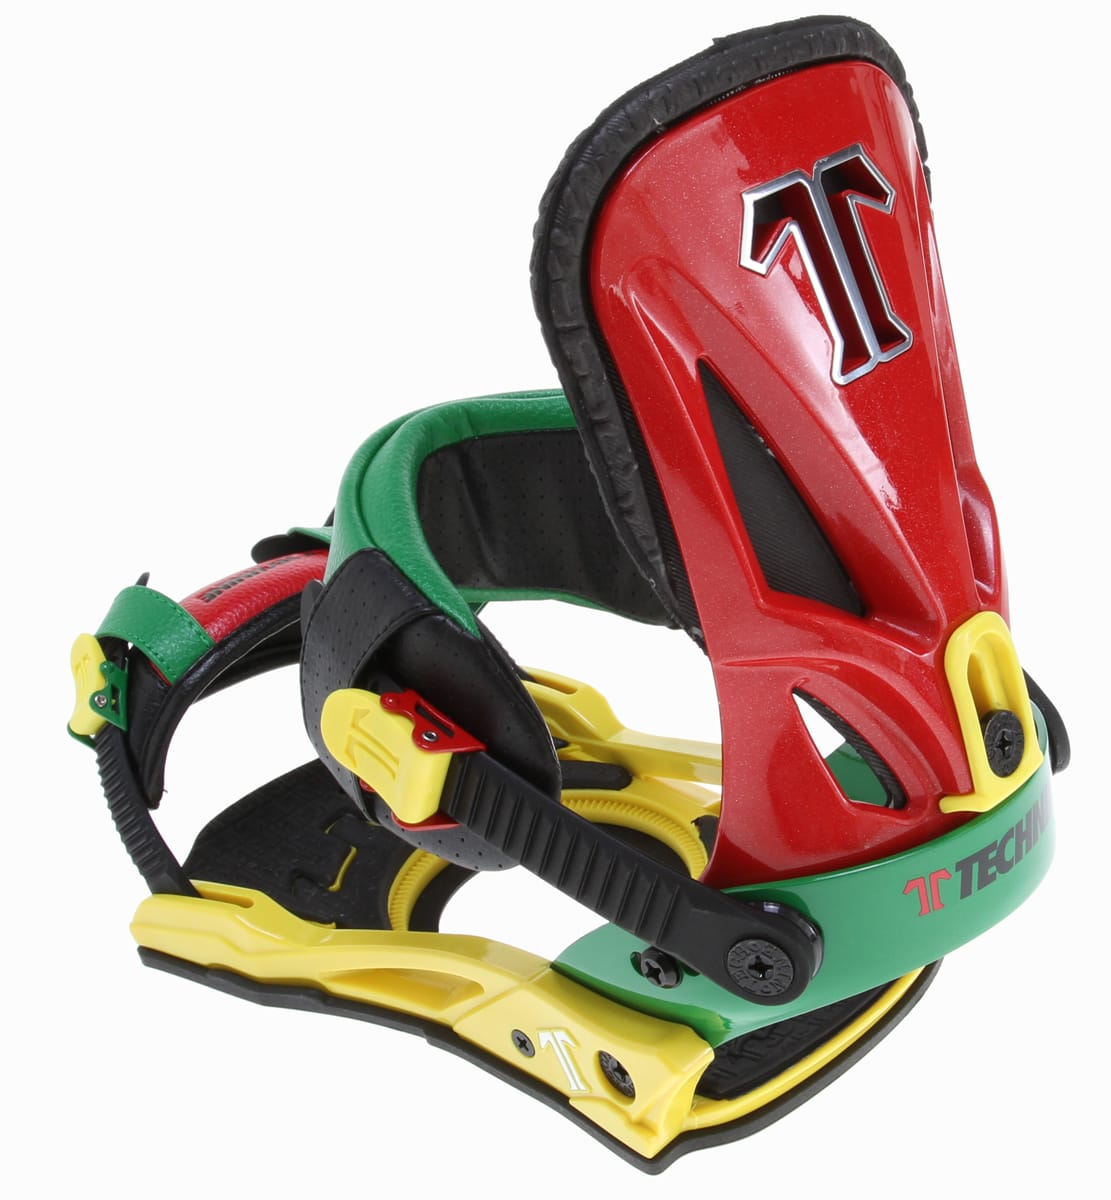 Technine Split-T Snowboard Bindings